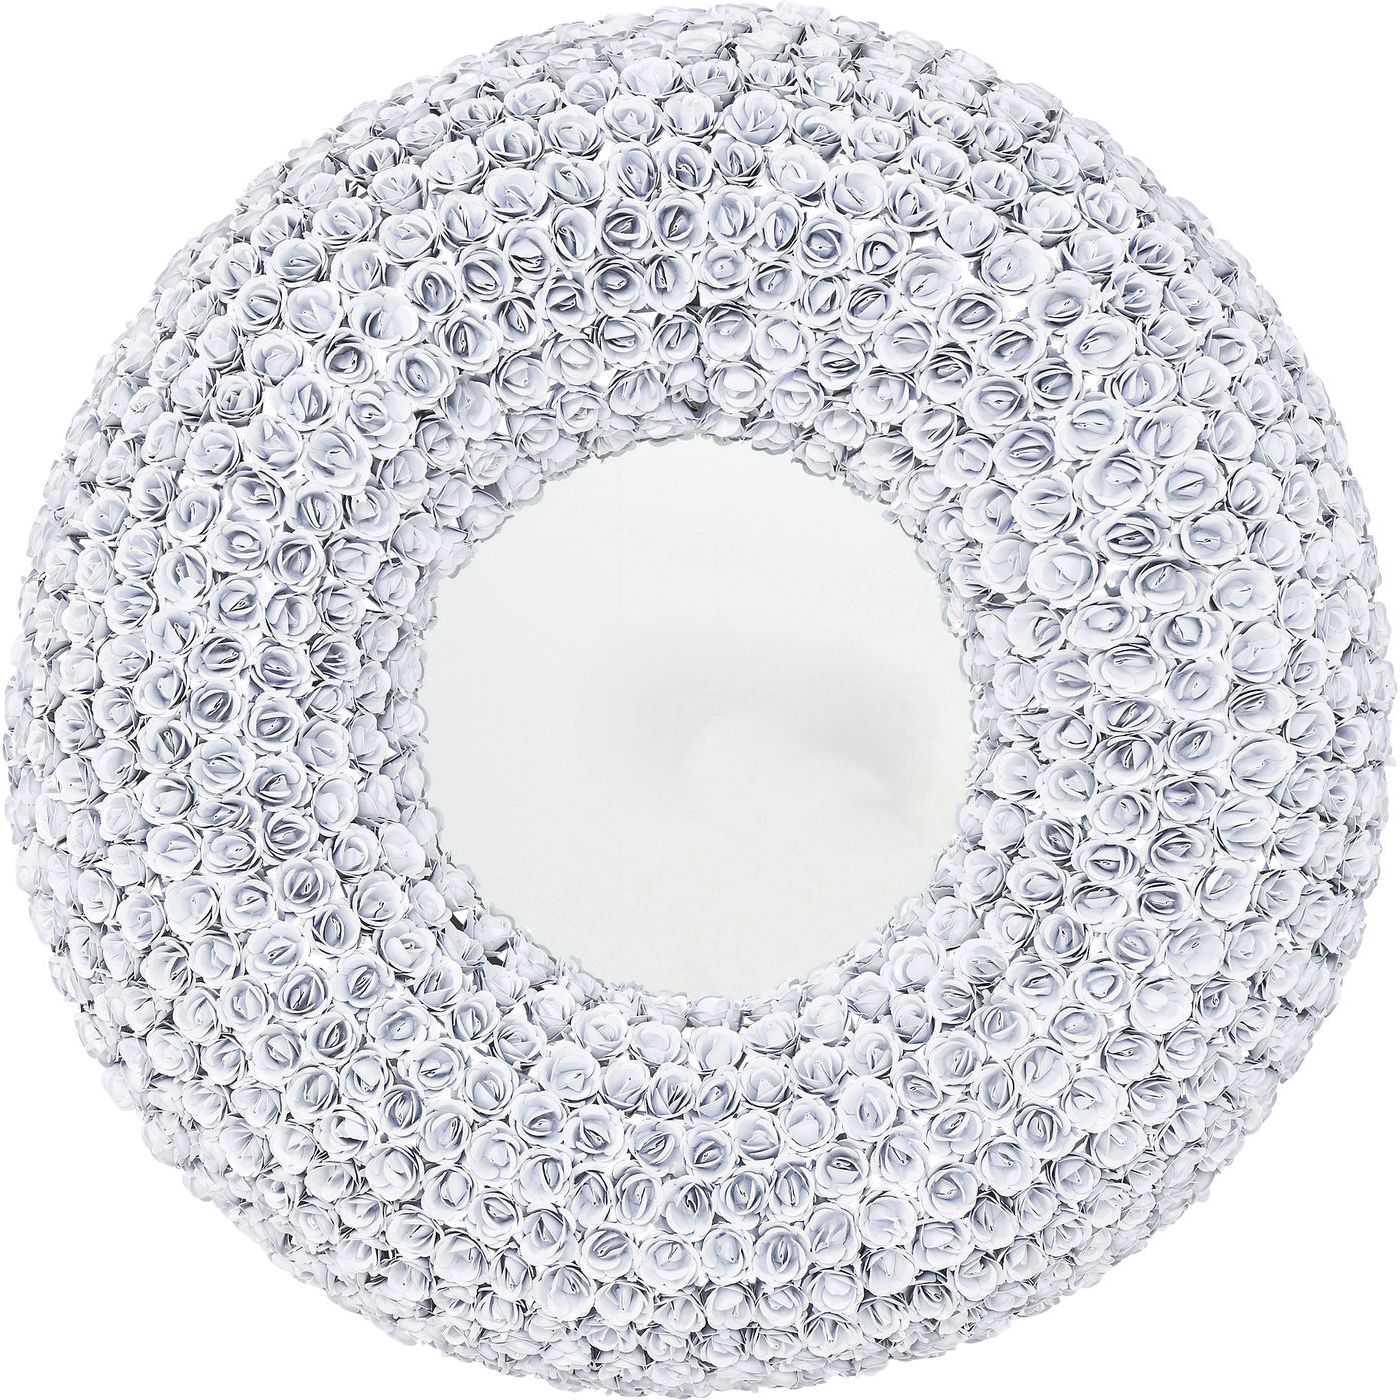 kare design Kare design rose white vægspejl - spejlglas/hvidt stål, rundt (ø100) på boboonline.dk